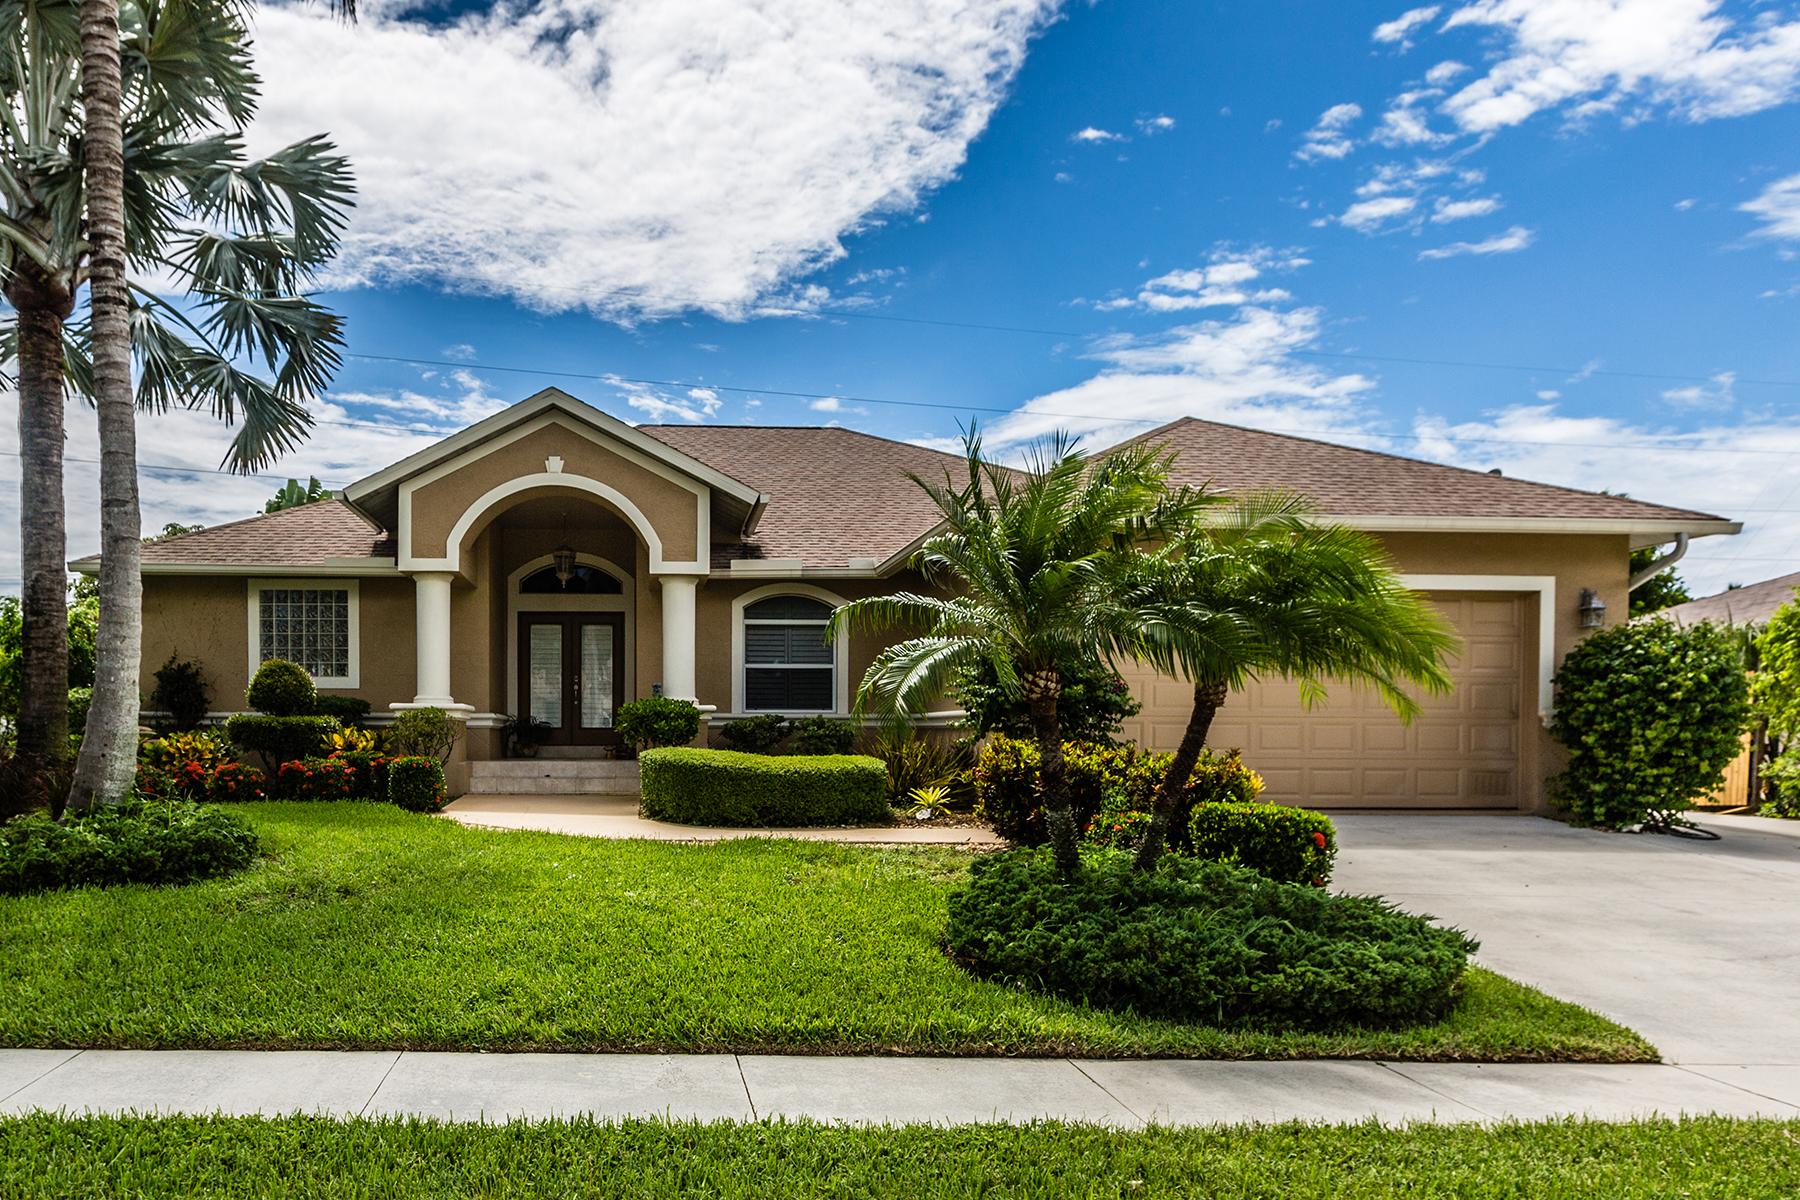 一戸建て のために 売買 アット MARCO ISLAND 152 Leland Way Marco Island, フロリダ, 34145 アメリカ合衆国